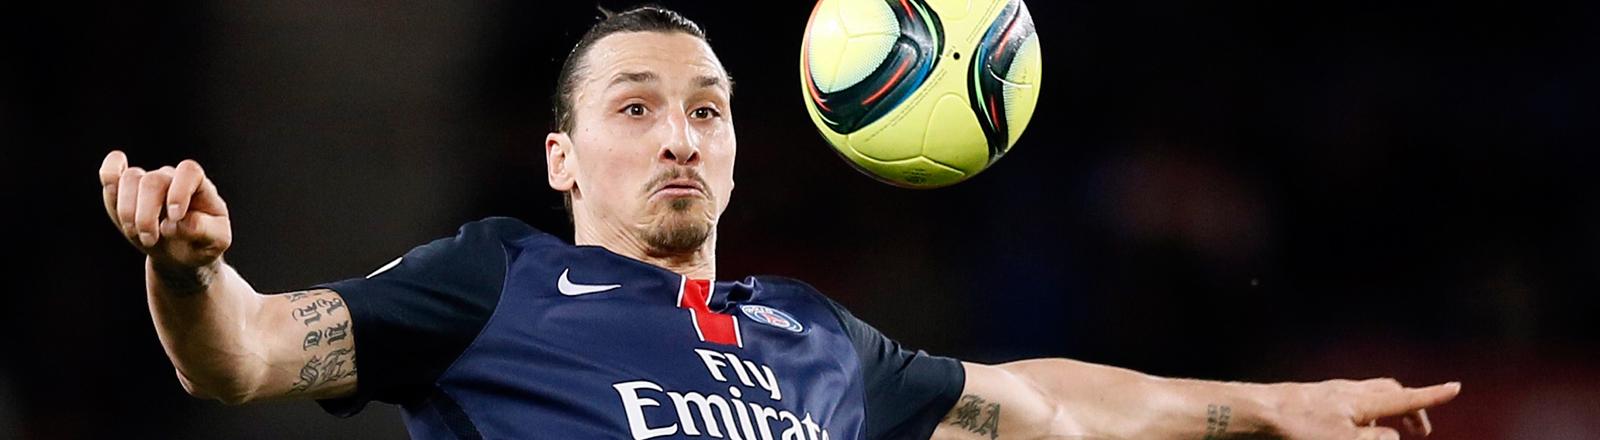 Zlatan Ibrahimović im Trikot des französischen Fußballvereins Paris Saint-Germain.